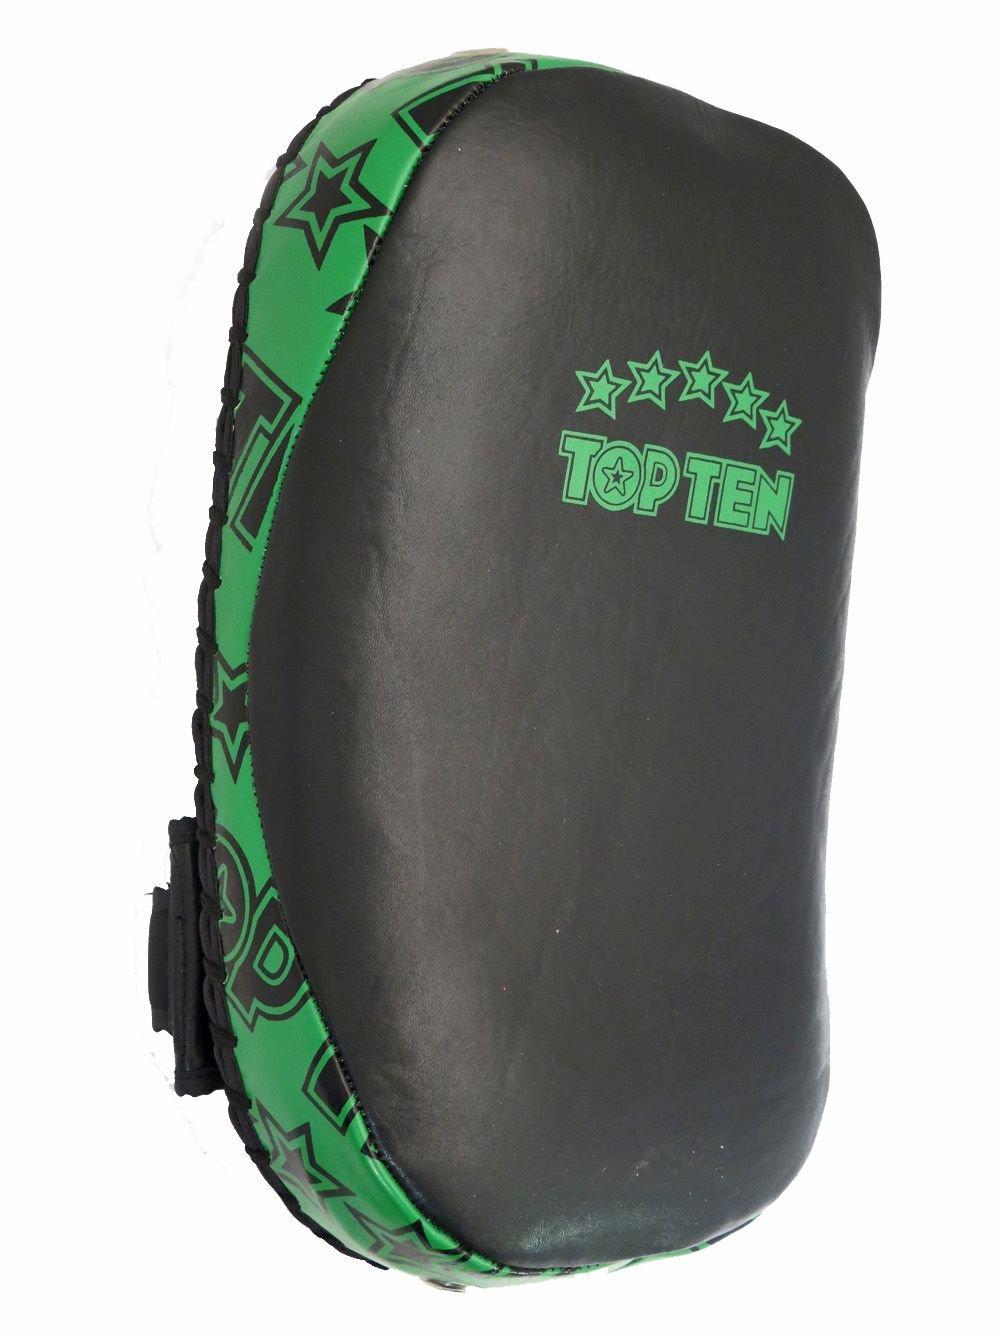 TOP TEN 0 Zwart - Groen